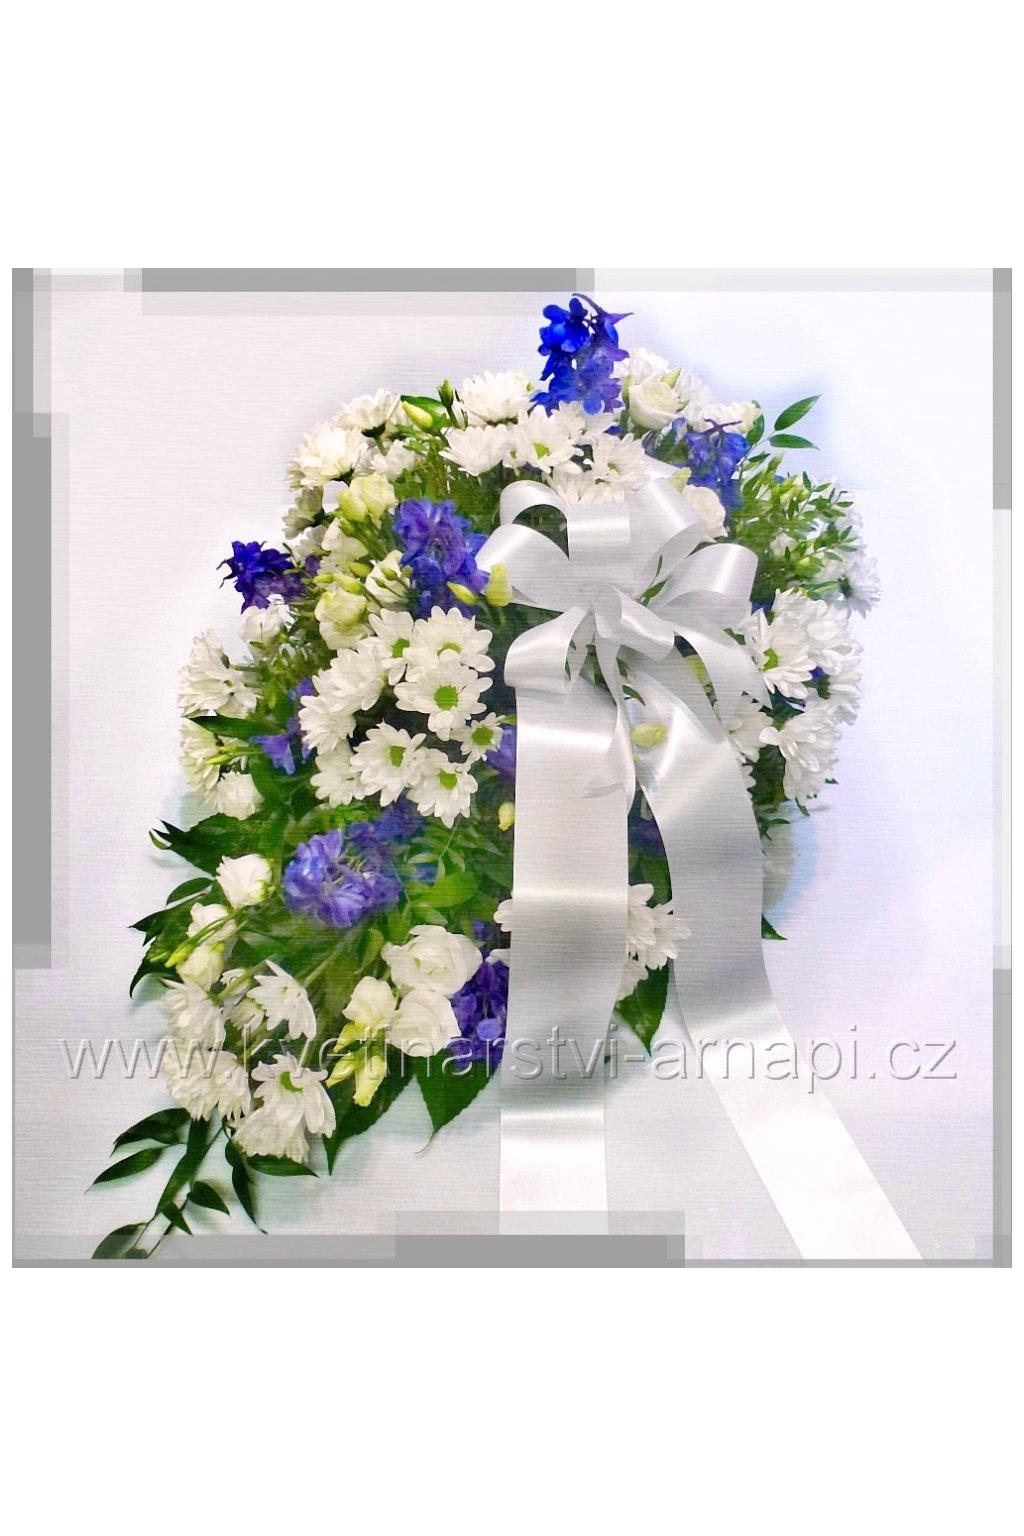 smutecni kytice v drzaku kvetinarstvi arnapi